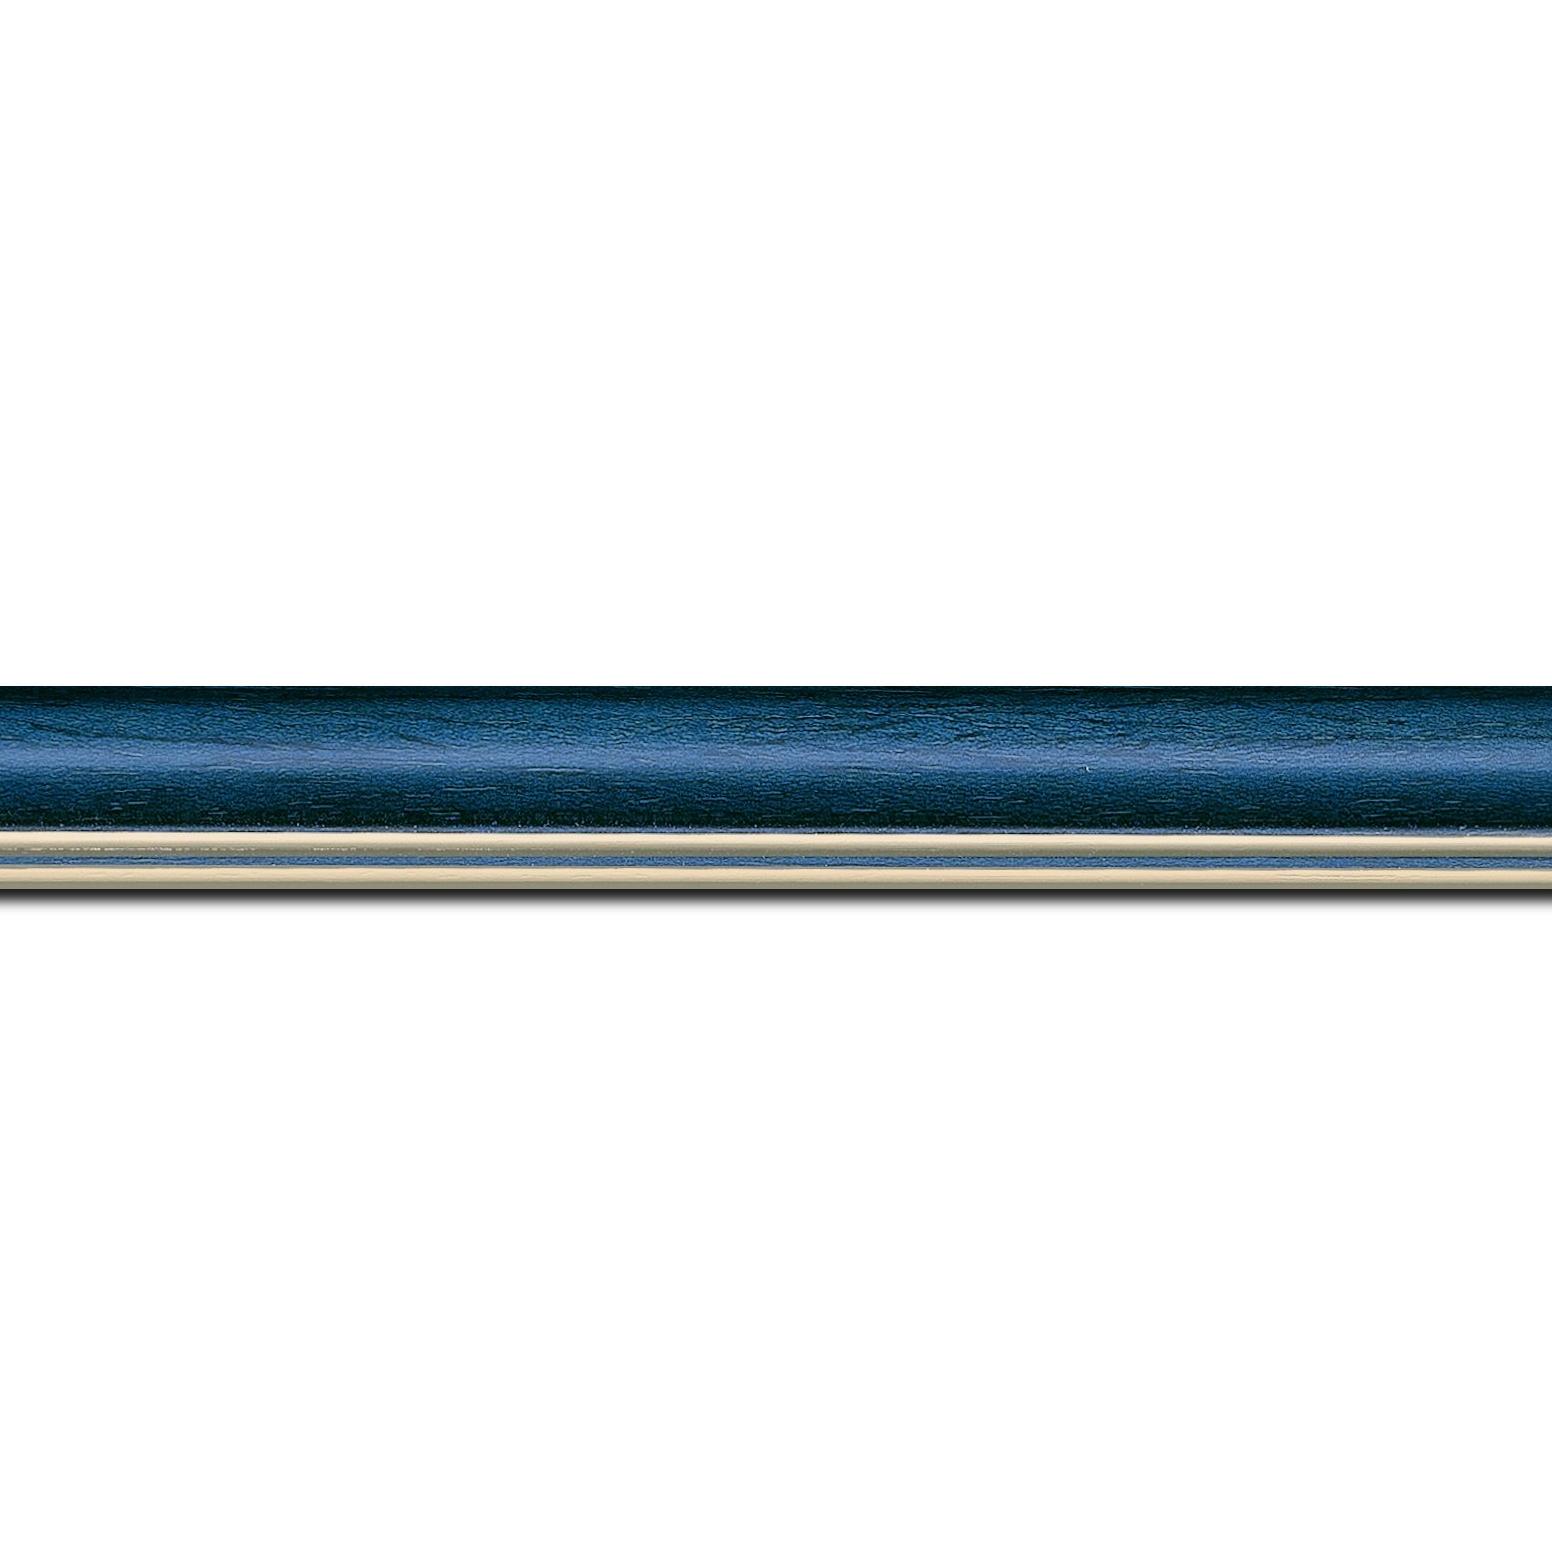 Pack par 12m, bois profil doucine inversée largeur 2.3cm bleu tropical satiné double filet or (longueur baguette pouvant varier entre 2.40m et 3m selon arrivage des bois)